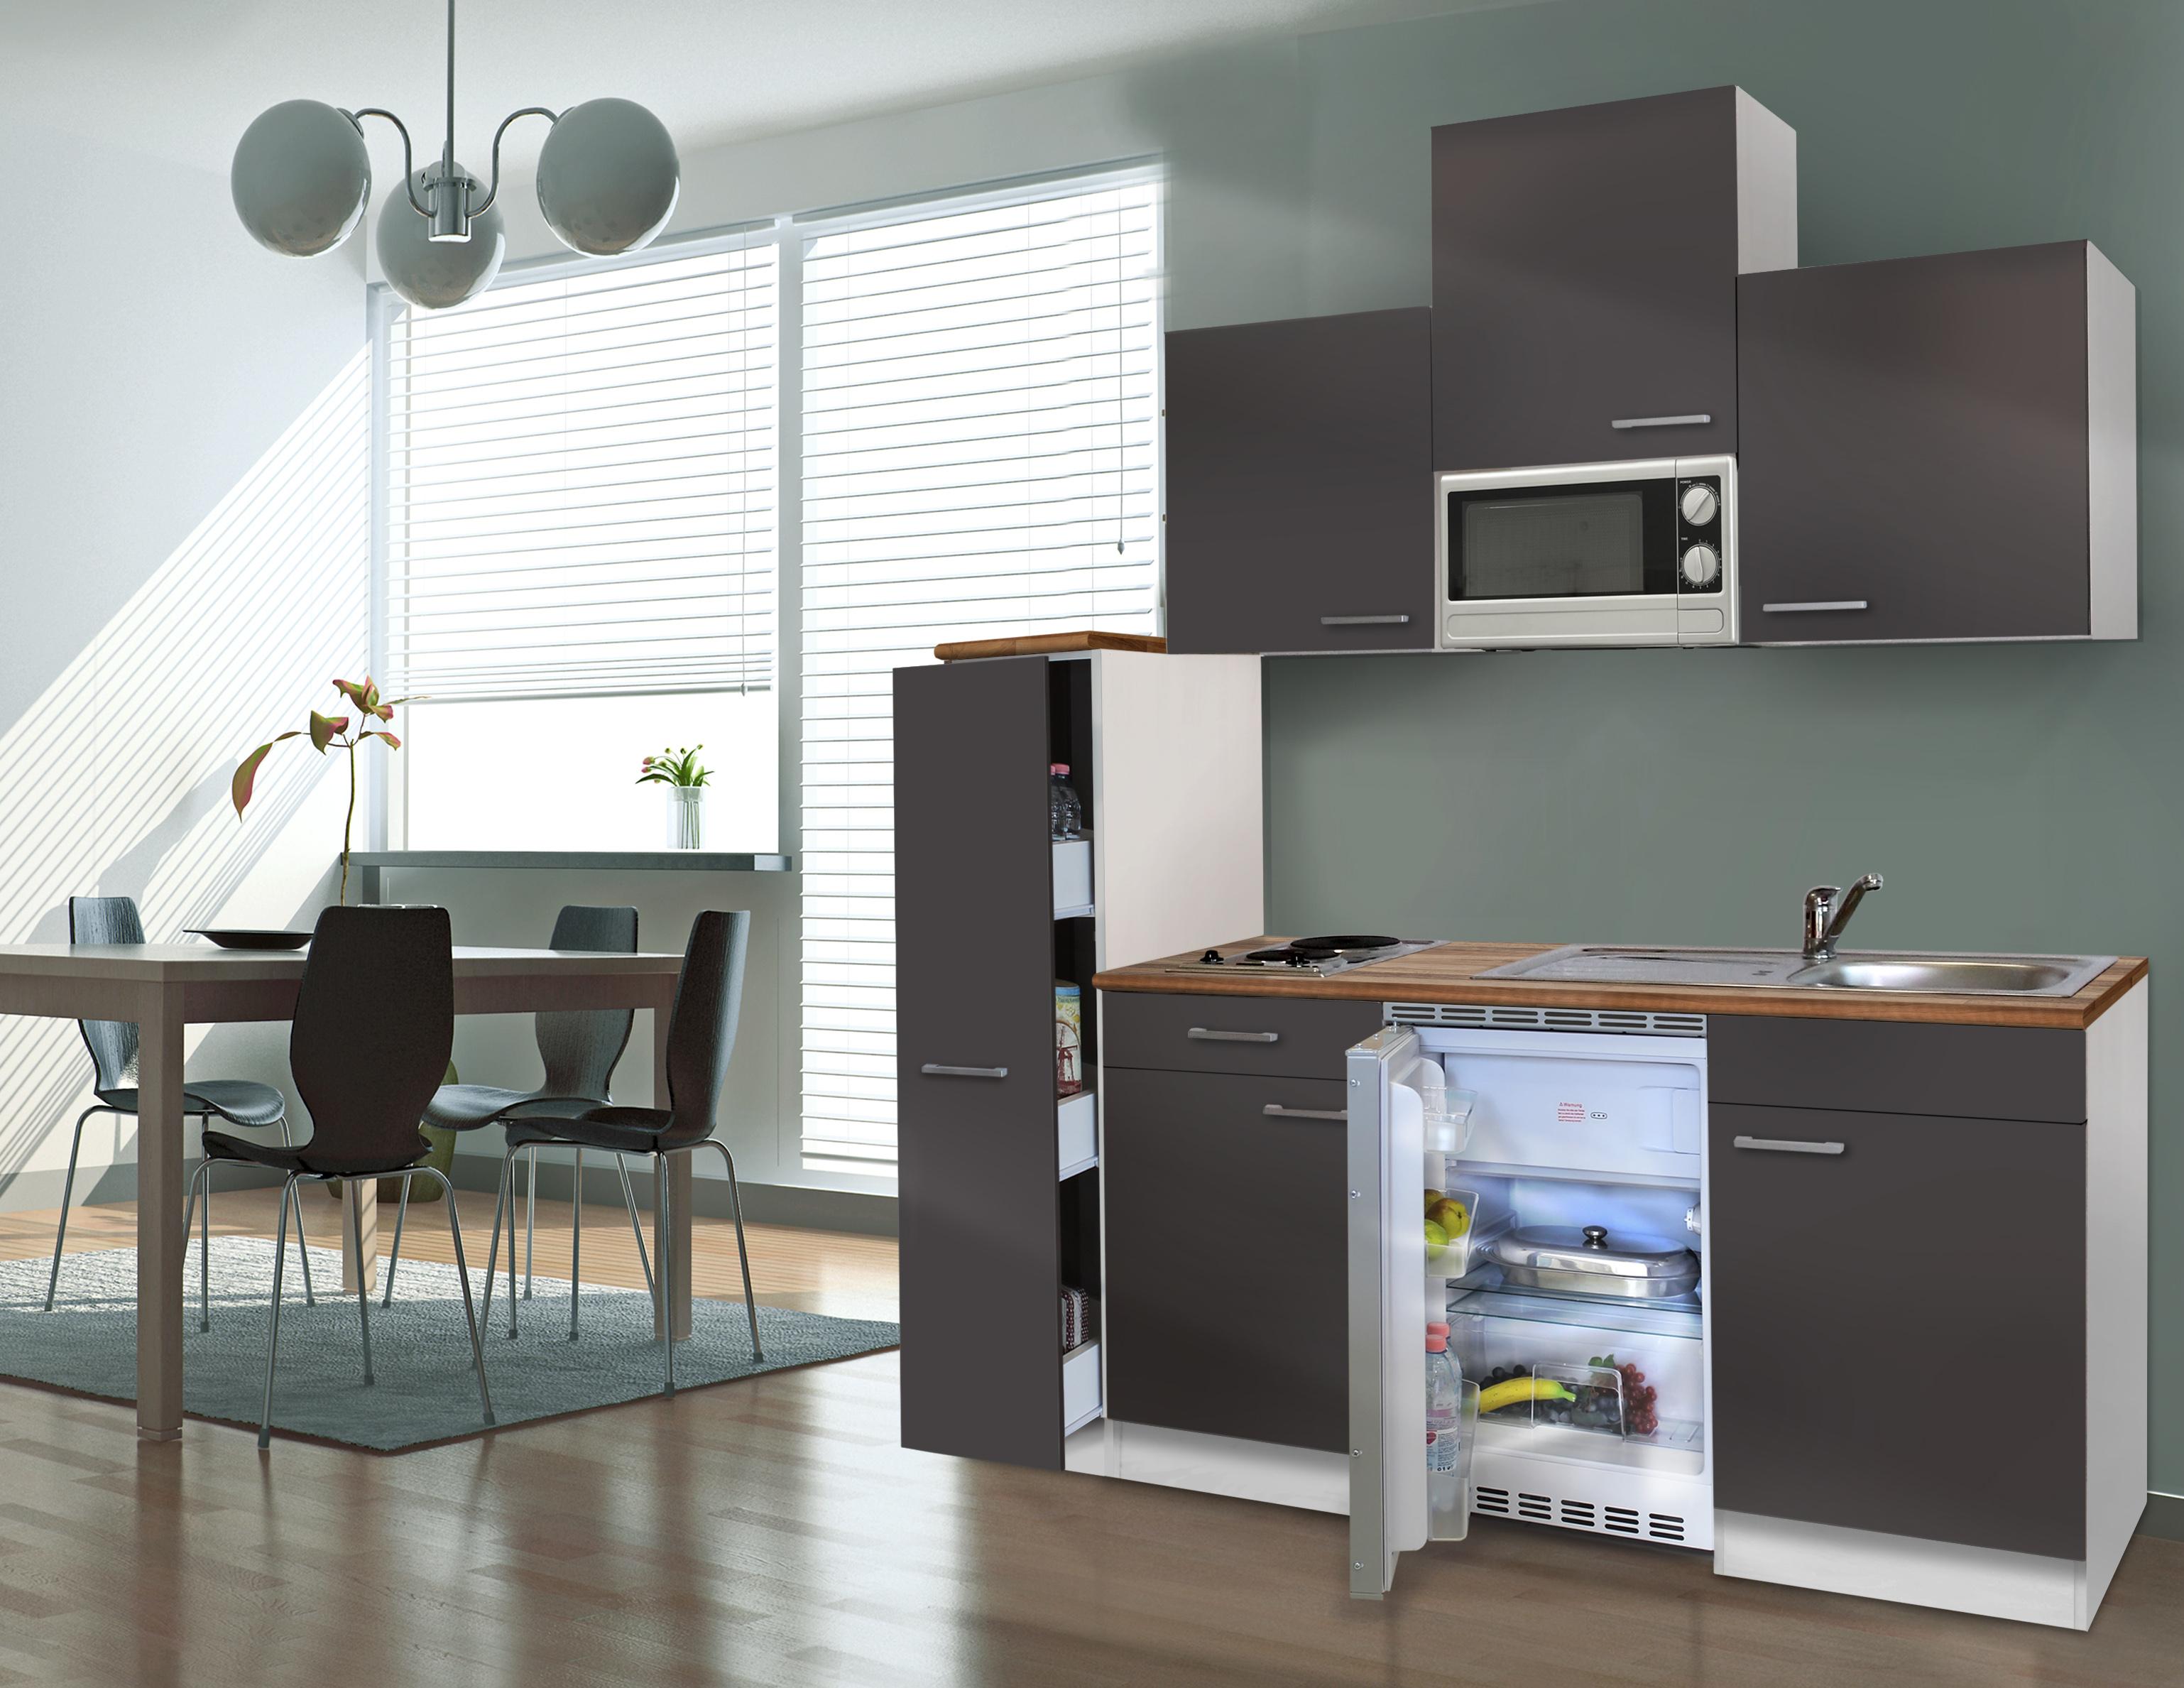 respekta Küche Singleküche Küchenzeile Küchenblock Miniküche 180 cm weiß grau